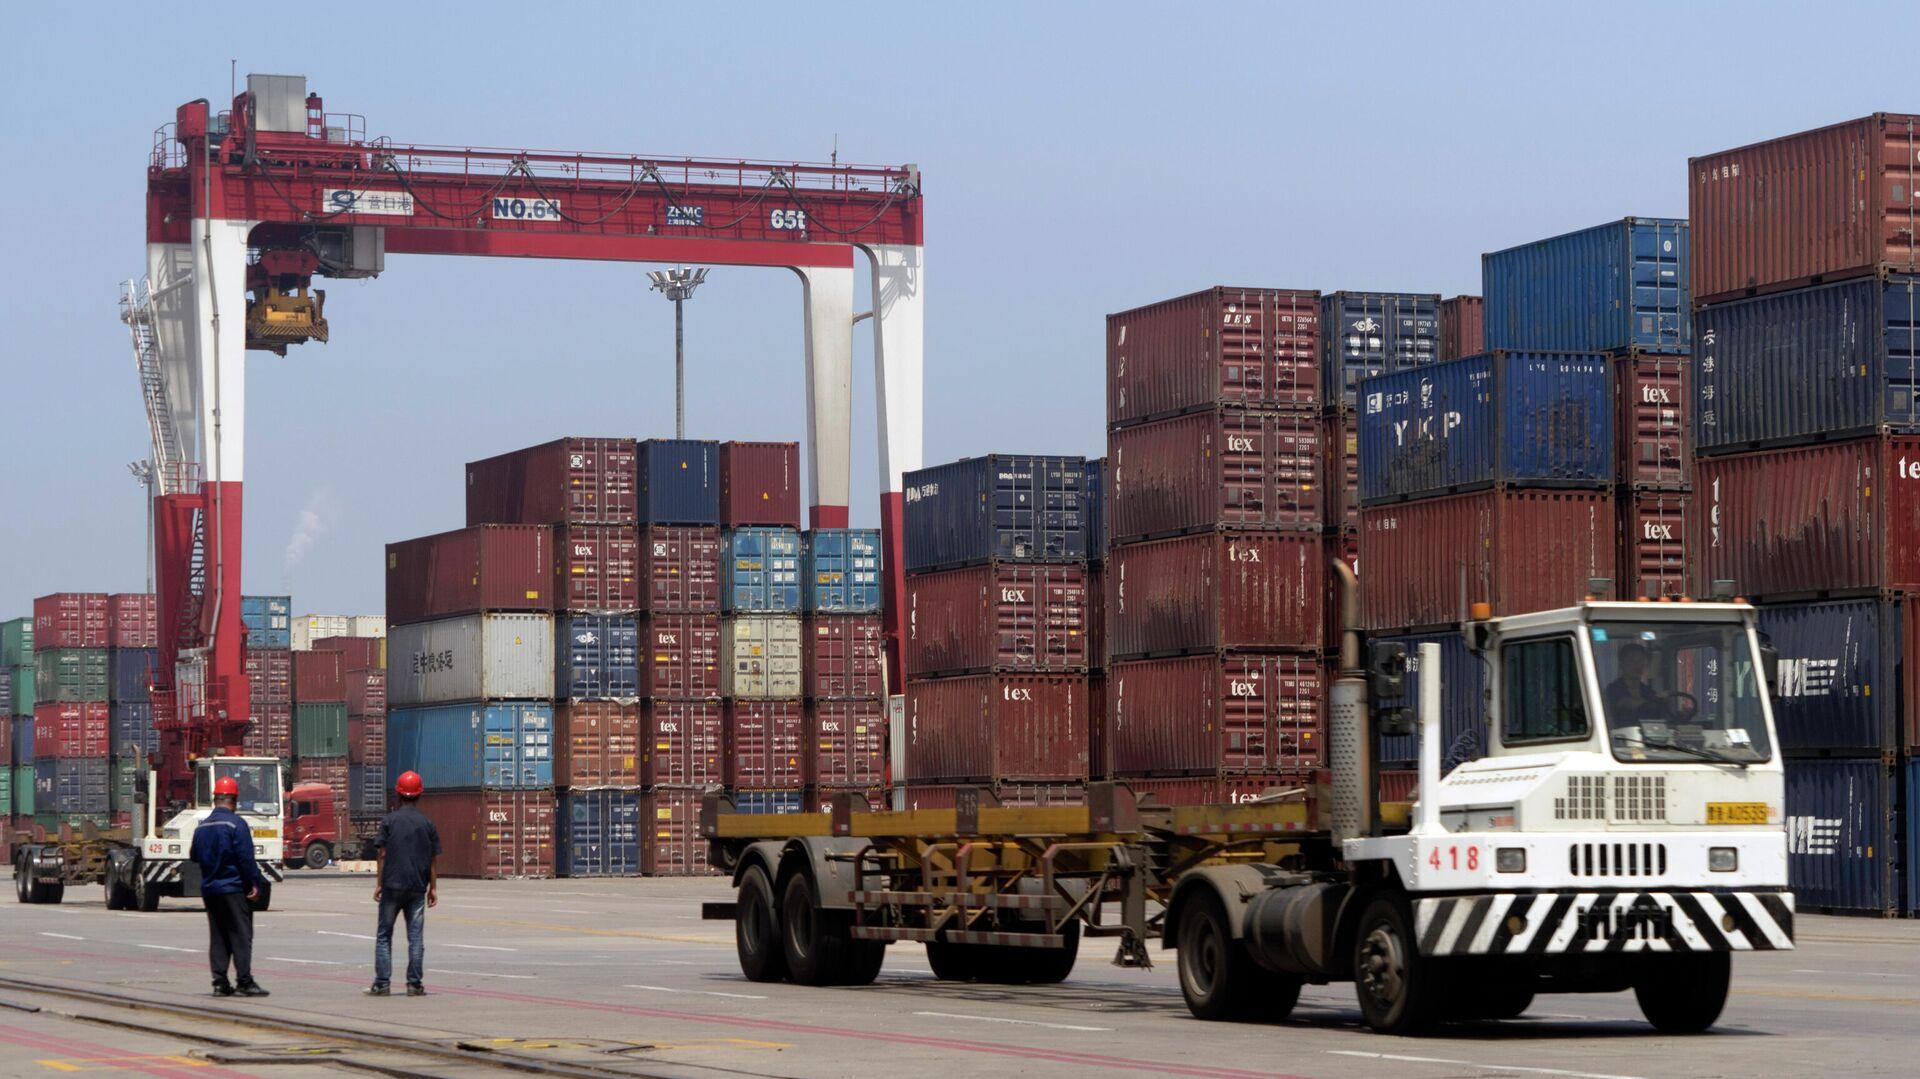 Грузовик проезжает мимо транспортных контейнеров в порту Инкоу в провинции Ляонин на северо-востоке Китая - РИА Новости, 1920, 05.10.2021